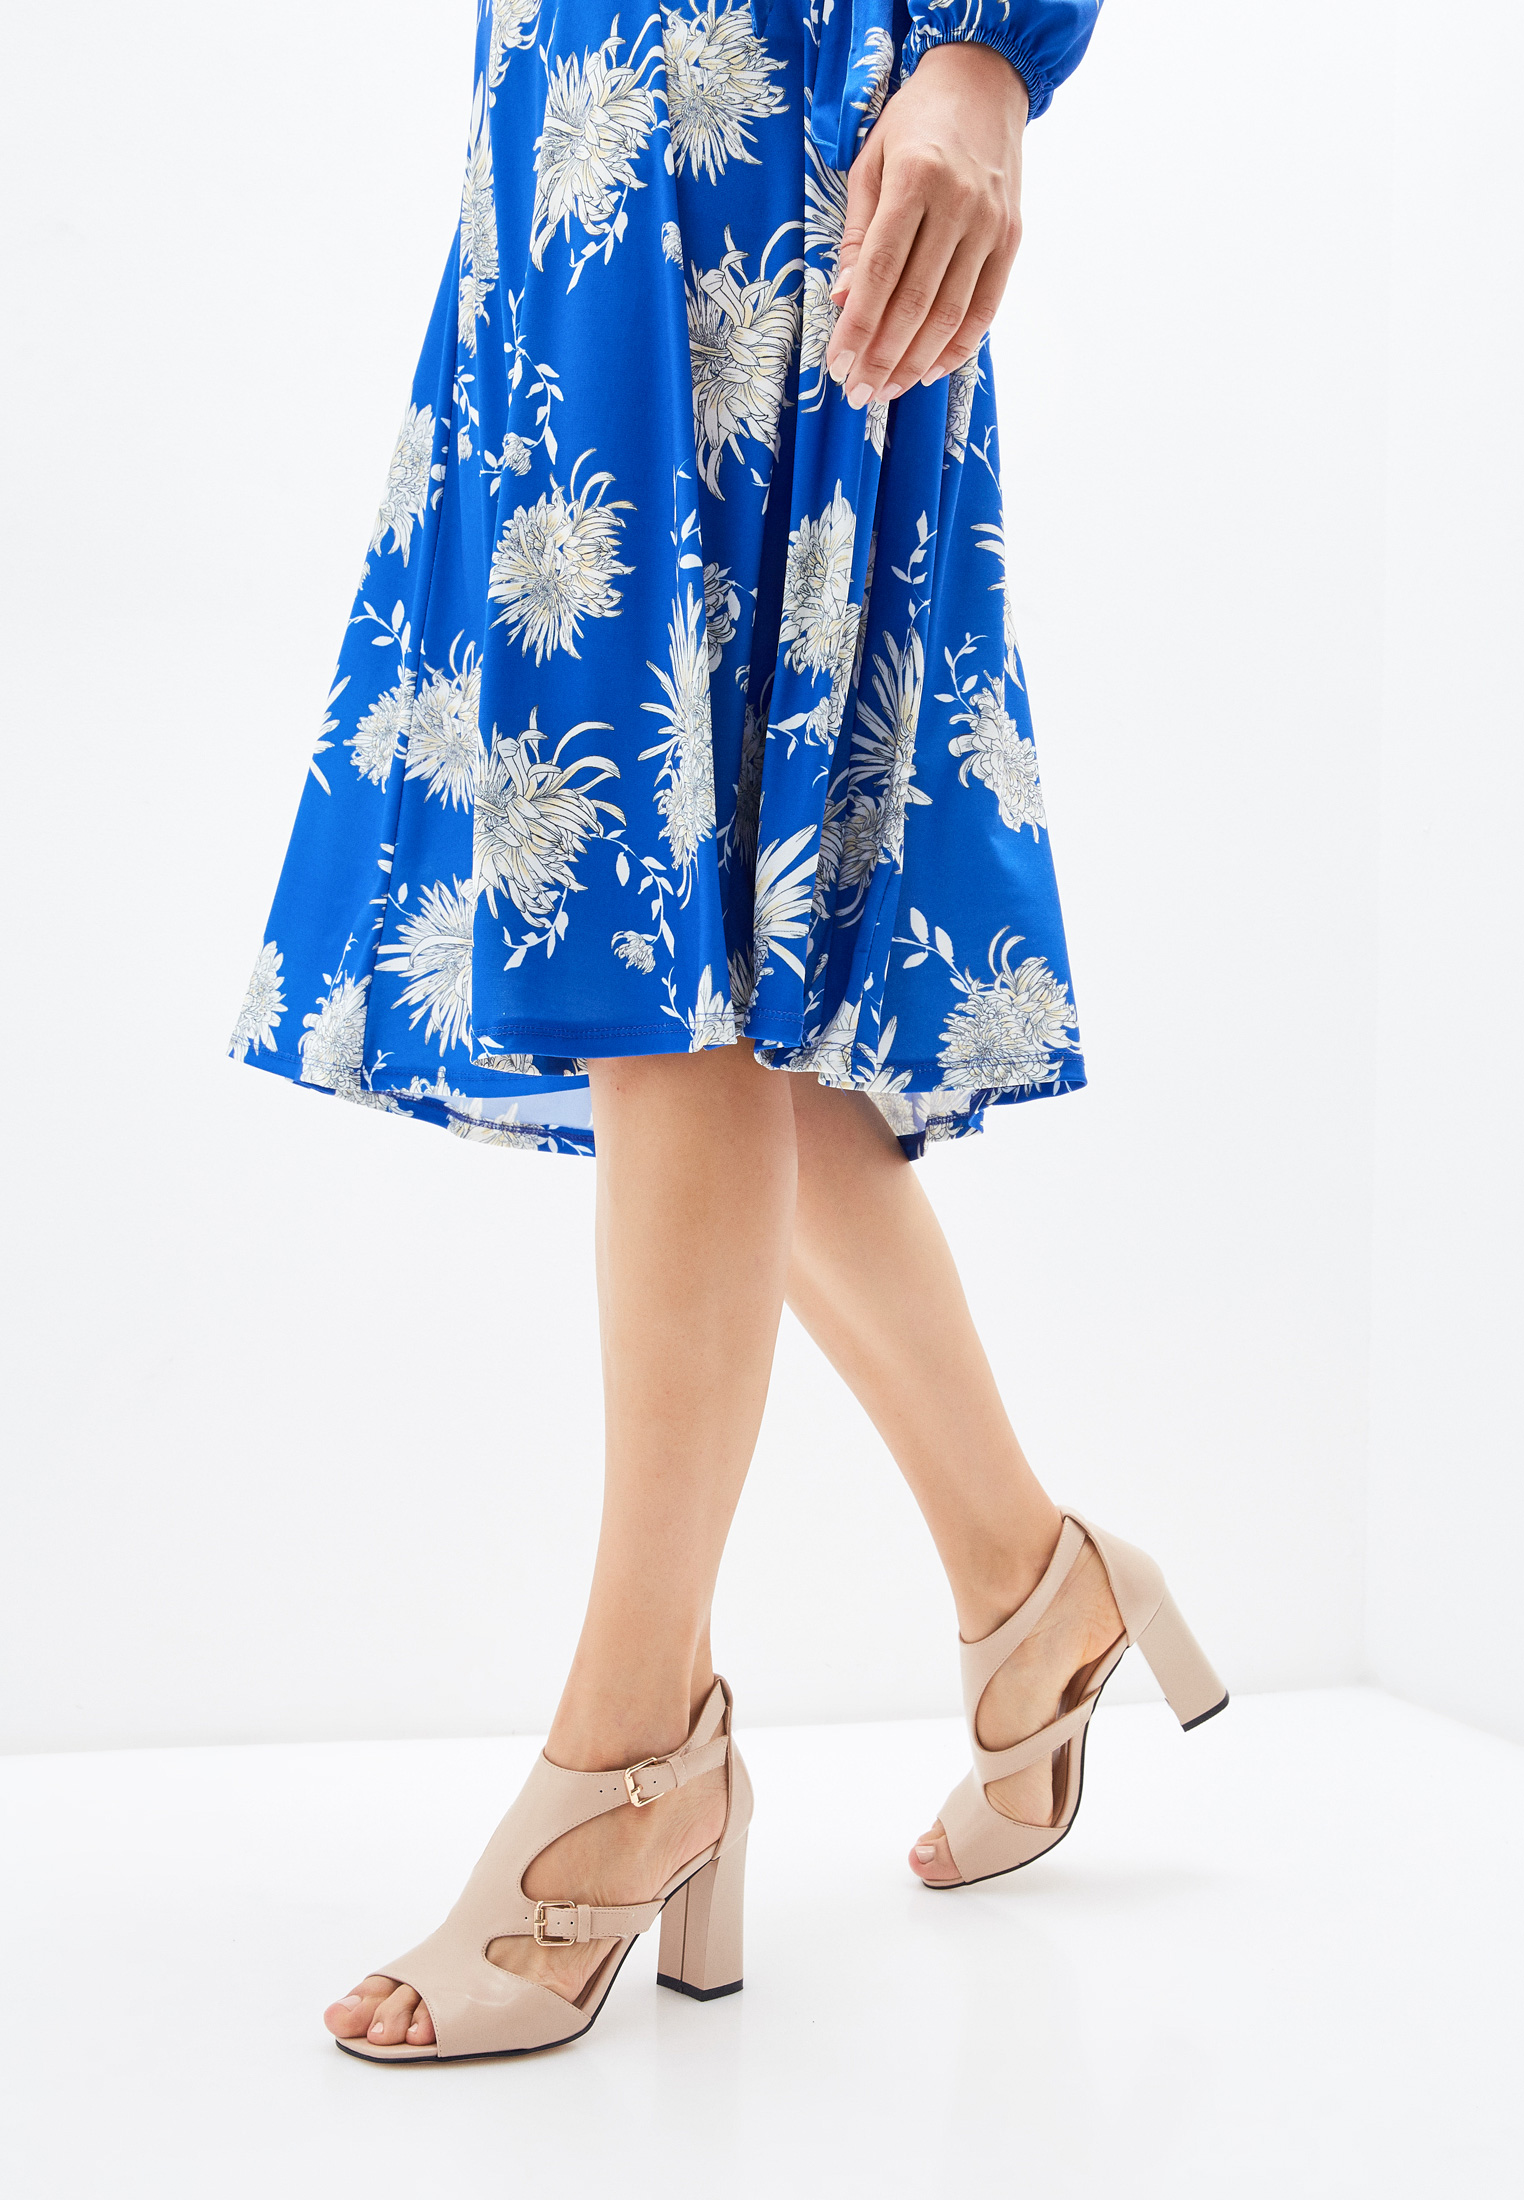 Женские босоножки Diora.rim 20Z-C3623